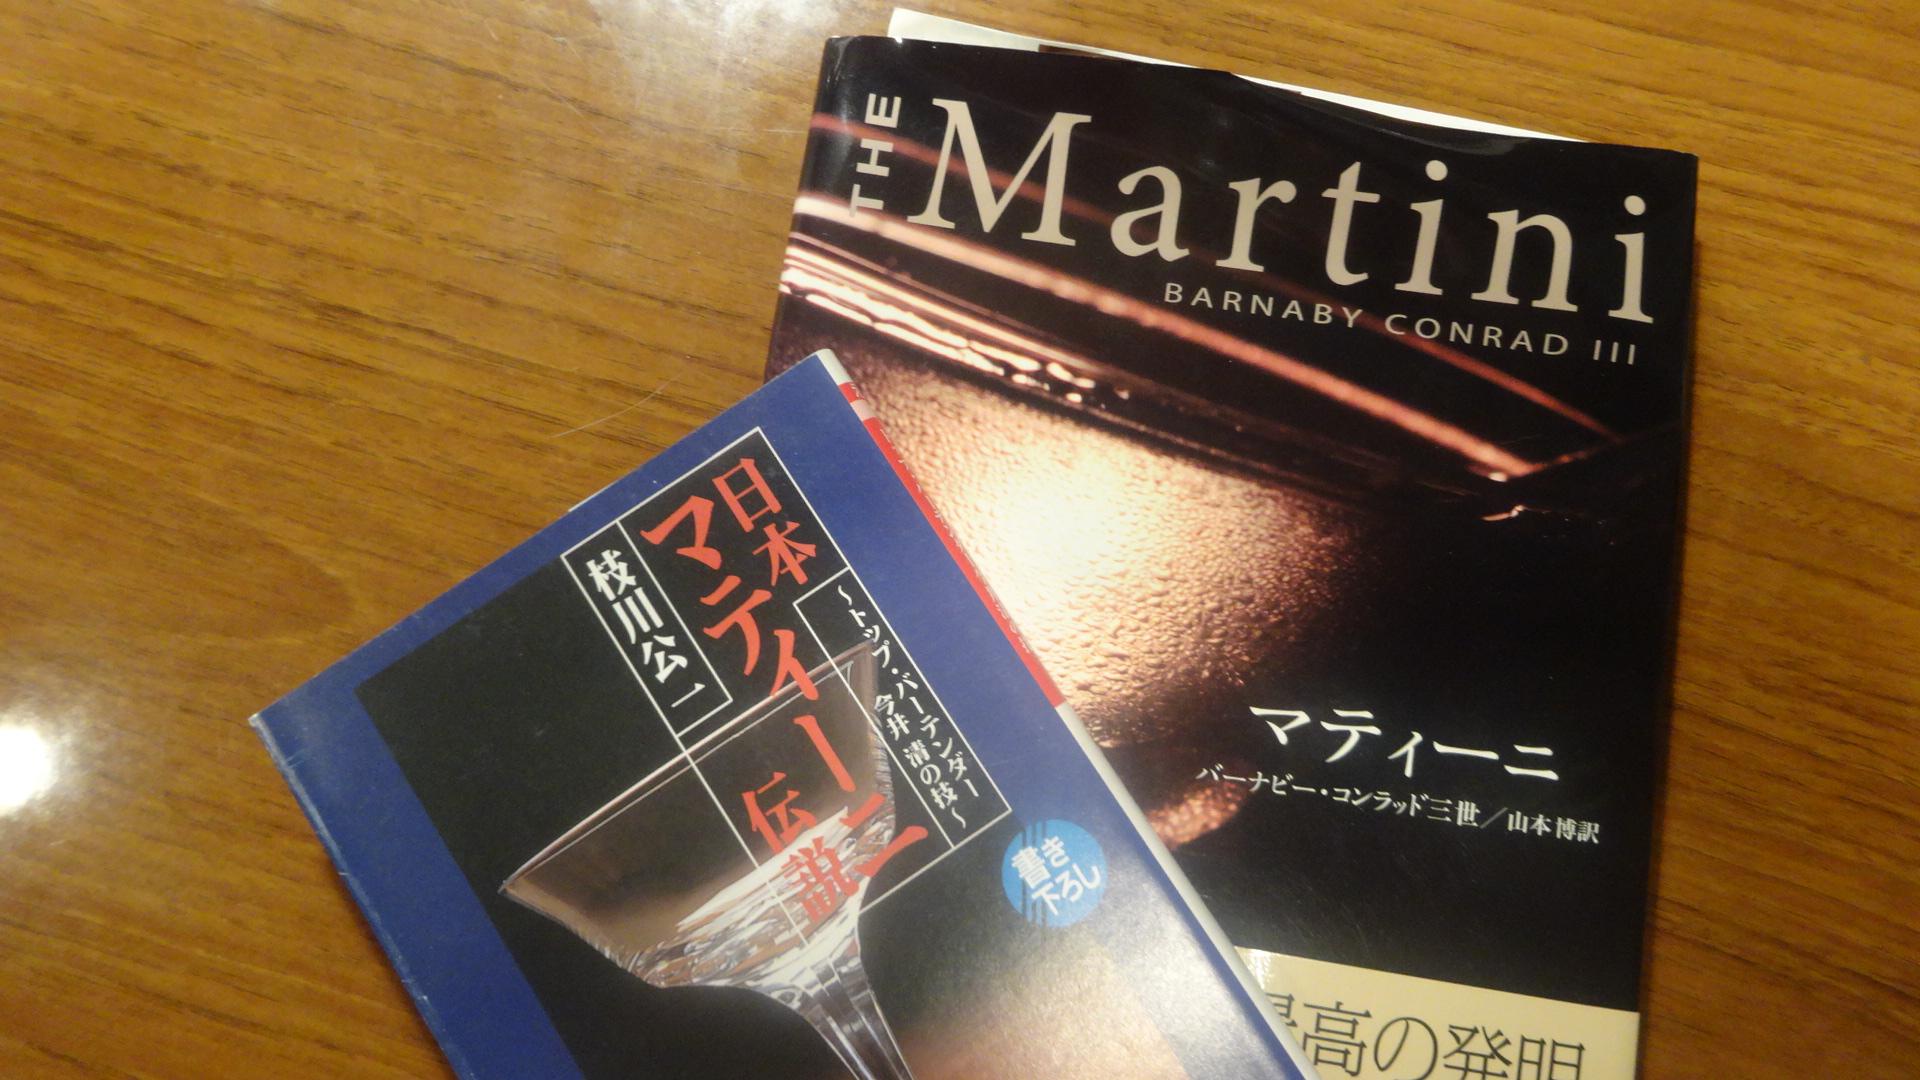 マテイーニについて書かれた書籍